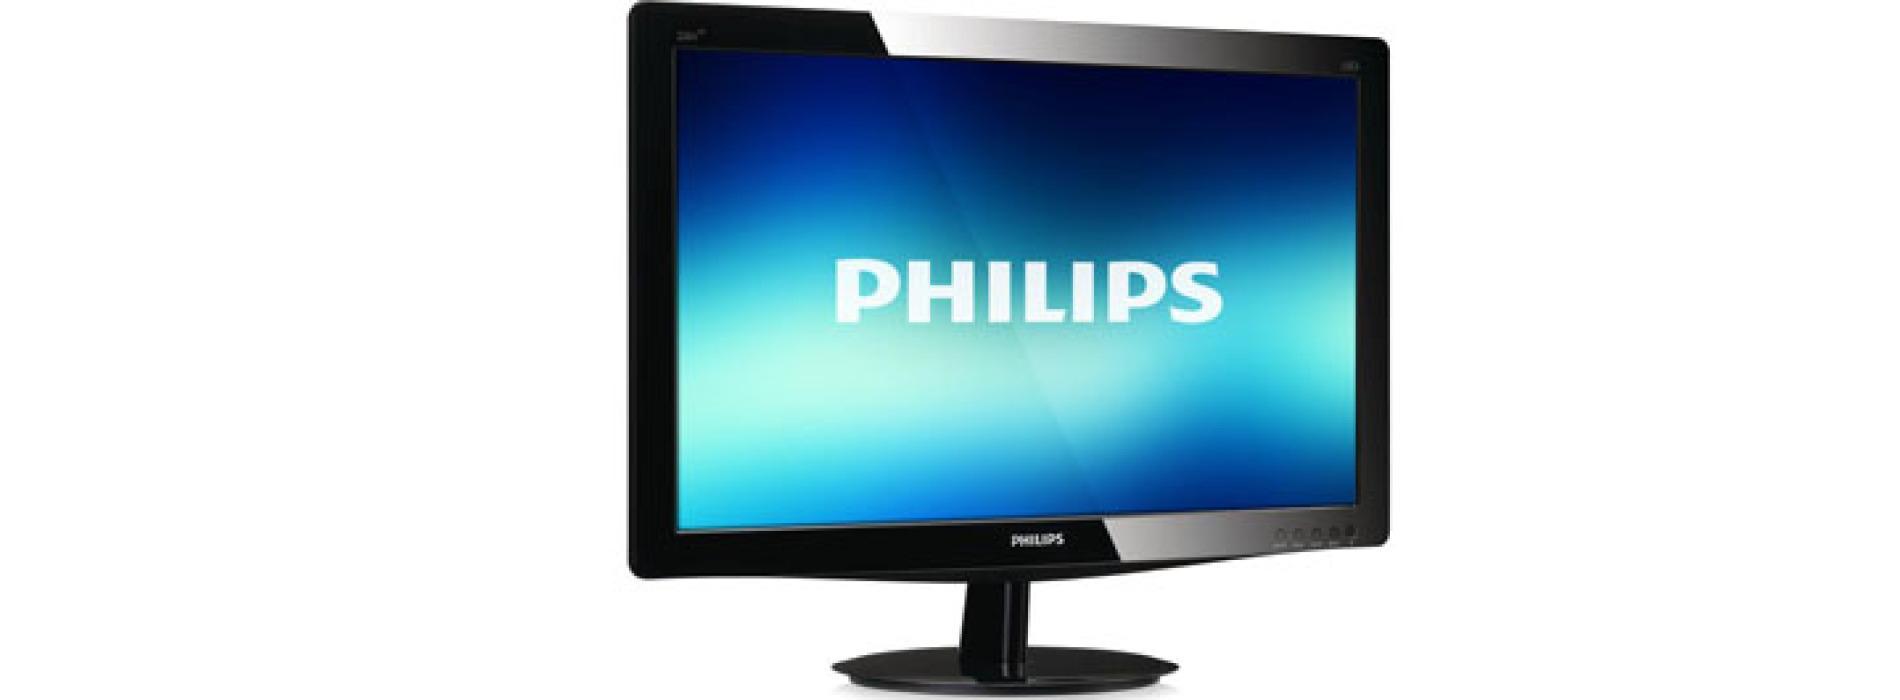 Ремонт мониторов Philips